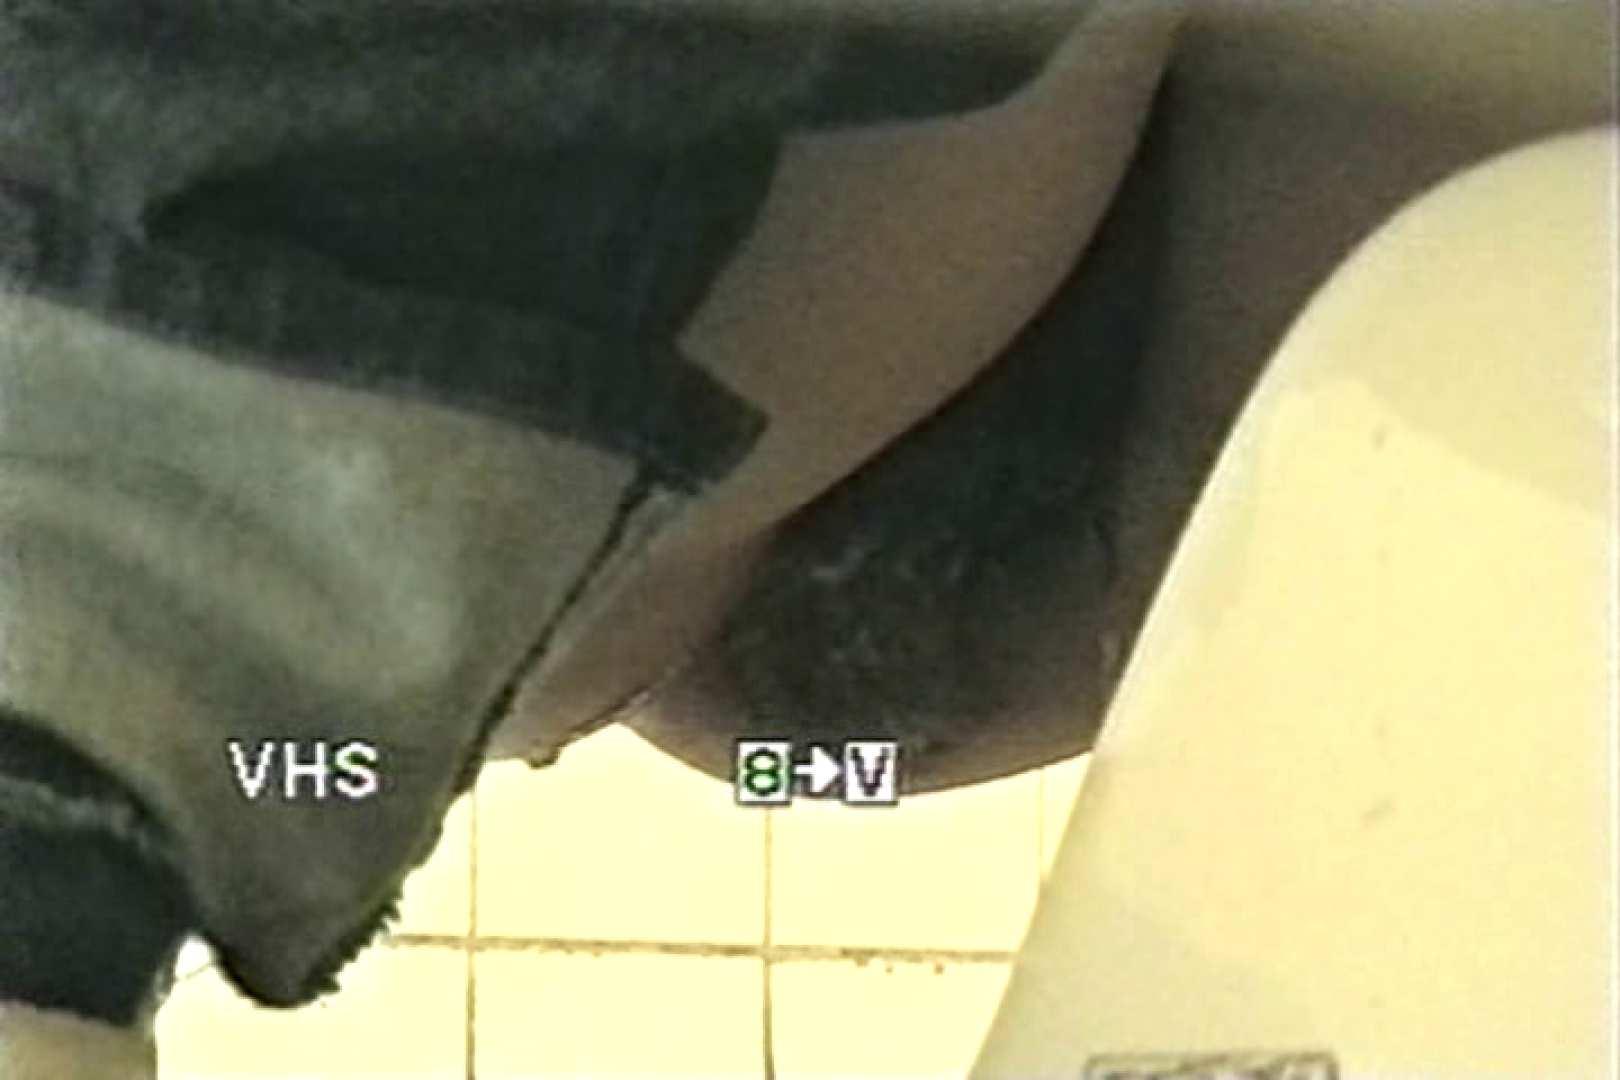 局部接写! 禁断洗面所Vol.5 おまんこ無修正 すけべAV動画紹介 90画像 17